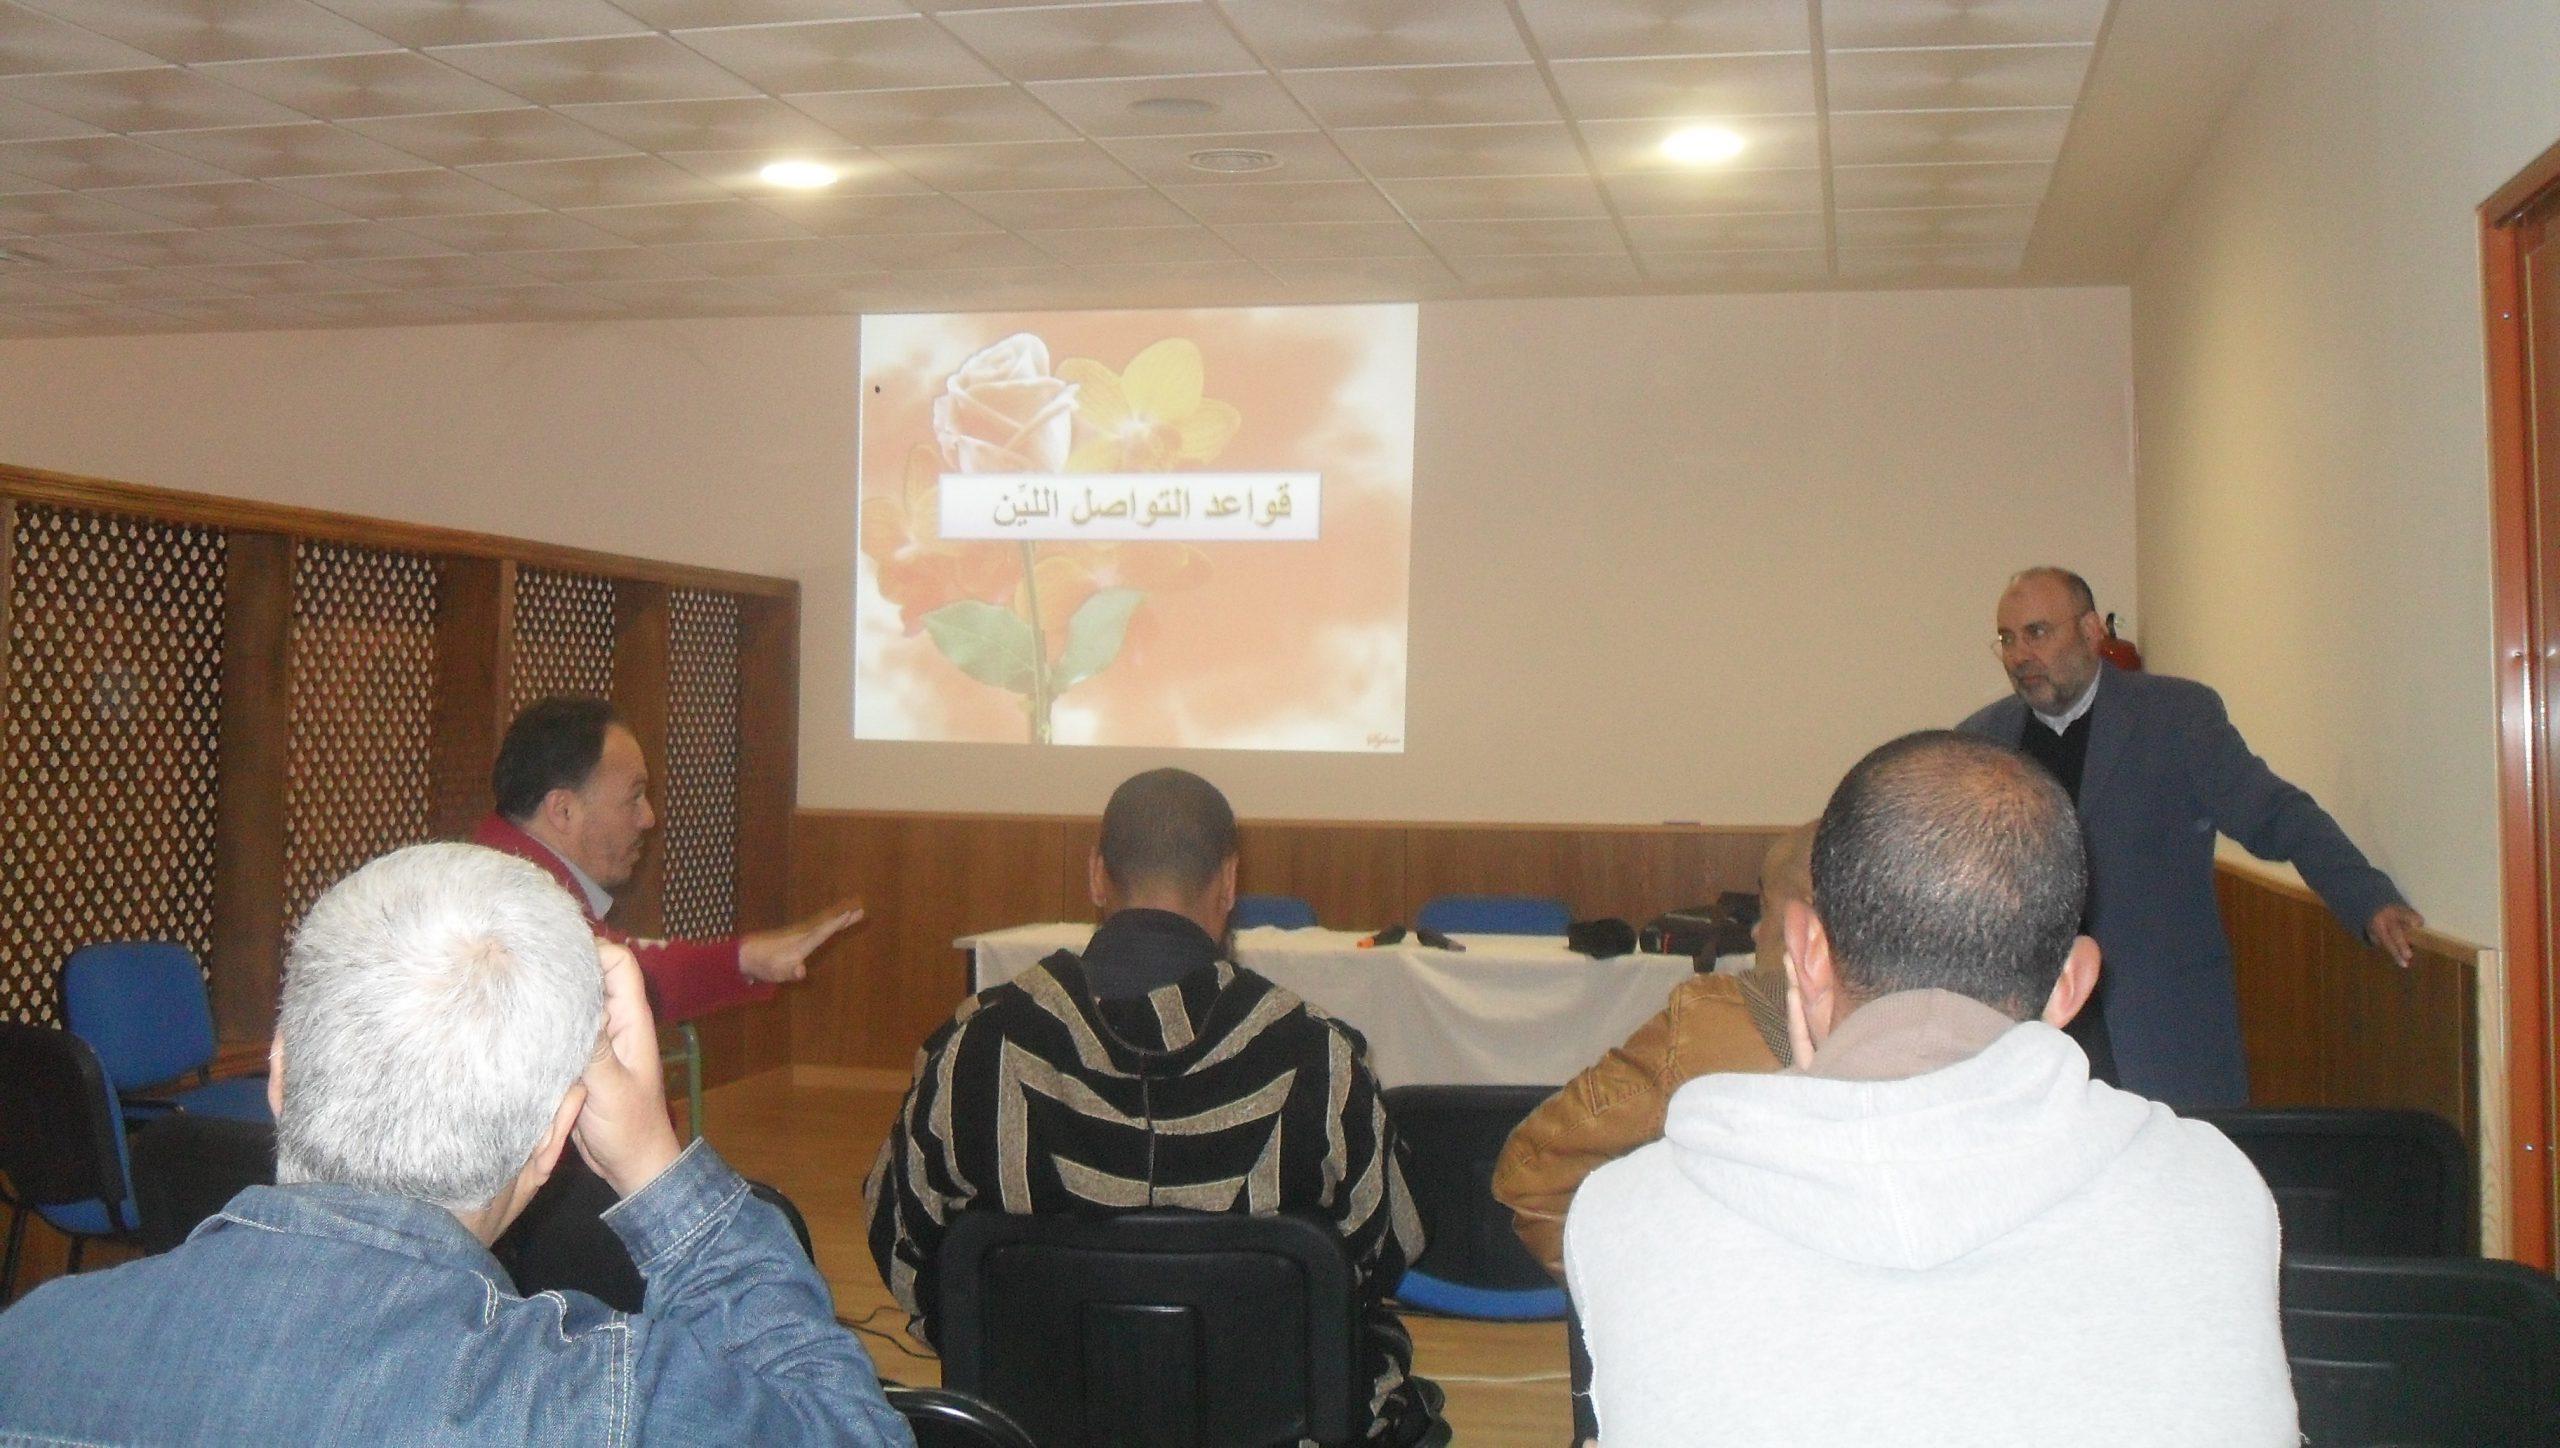 إختتام دورة التواصل اللين للجمعيات الإسلامية بمدريد